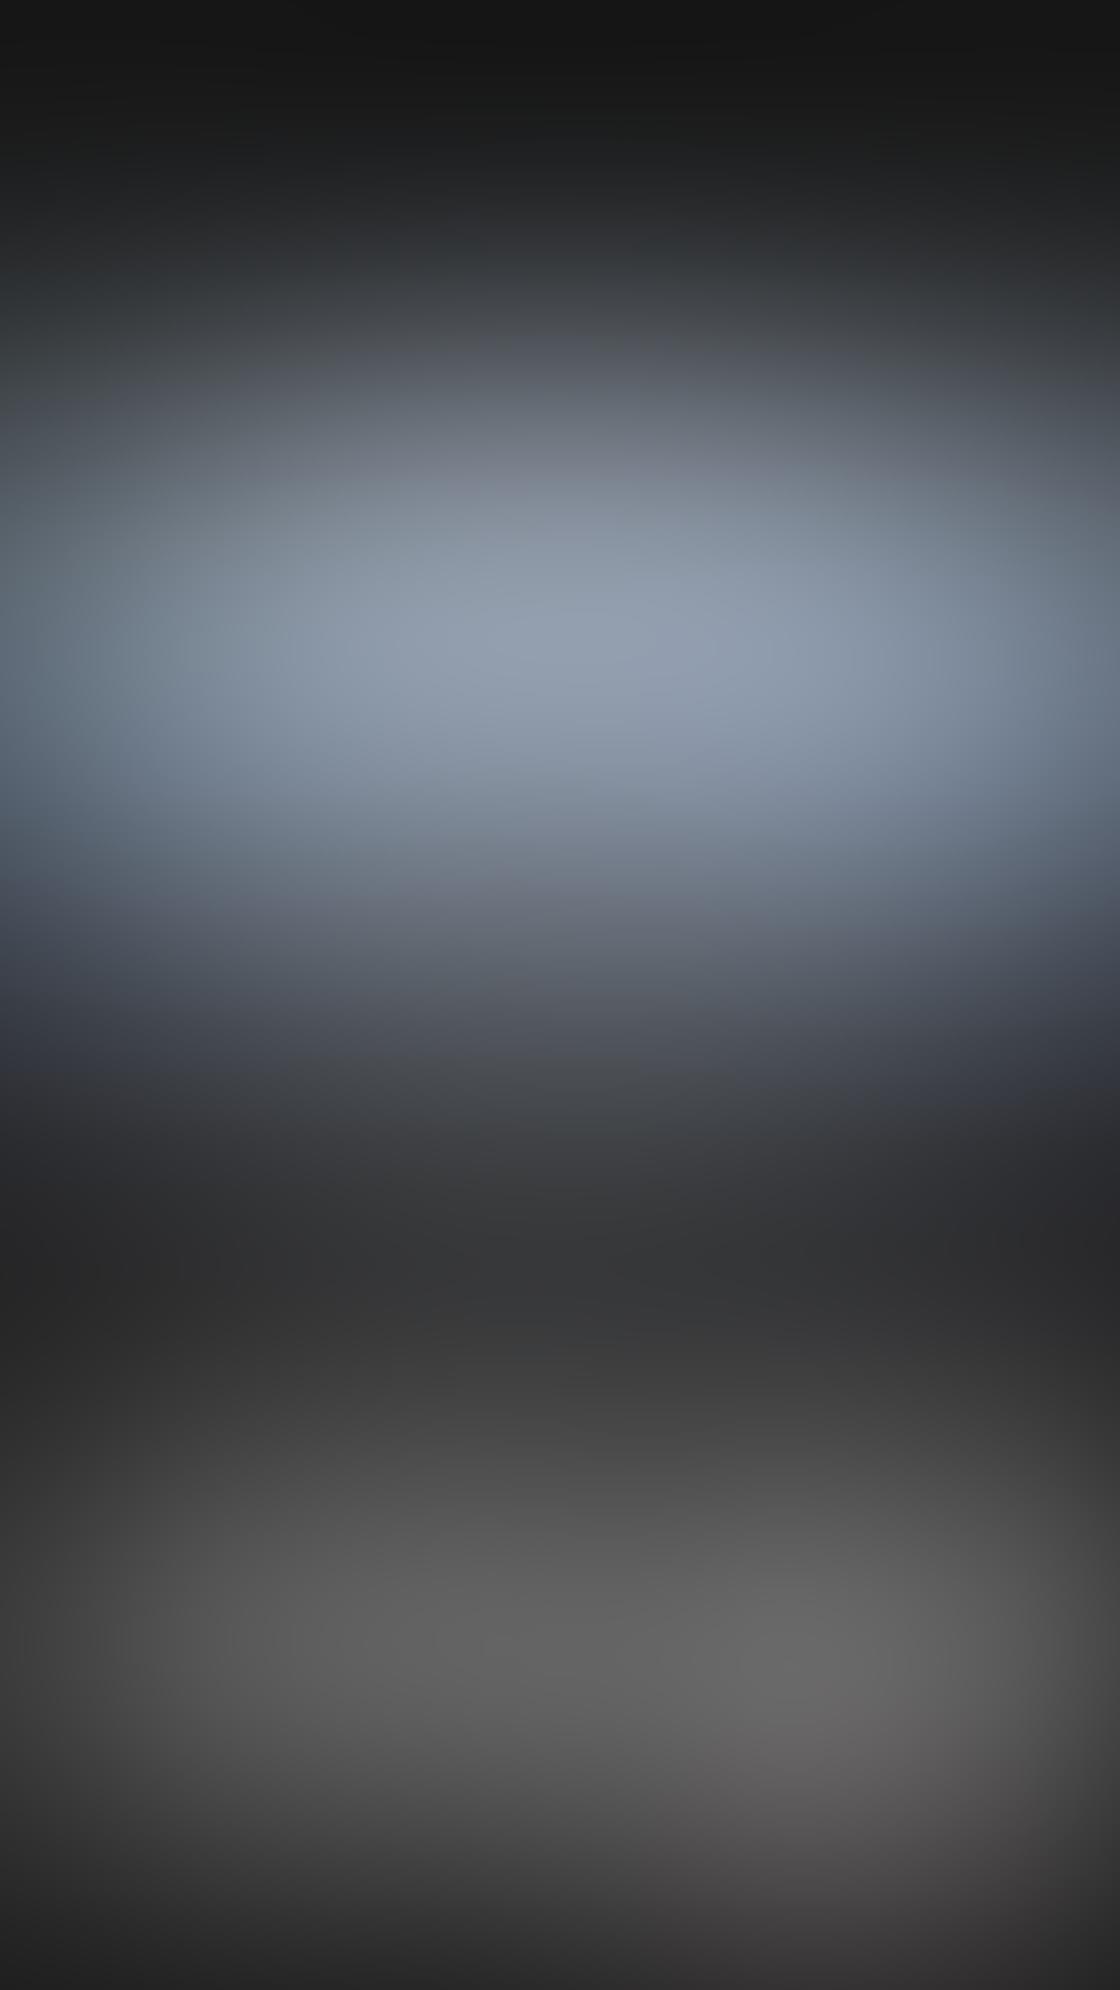 Final Touch Vignette App iPhone Photos 9